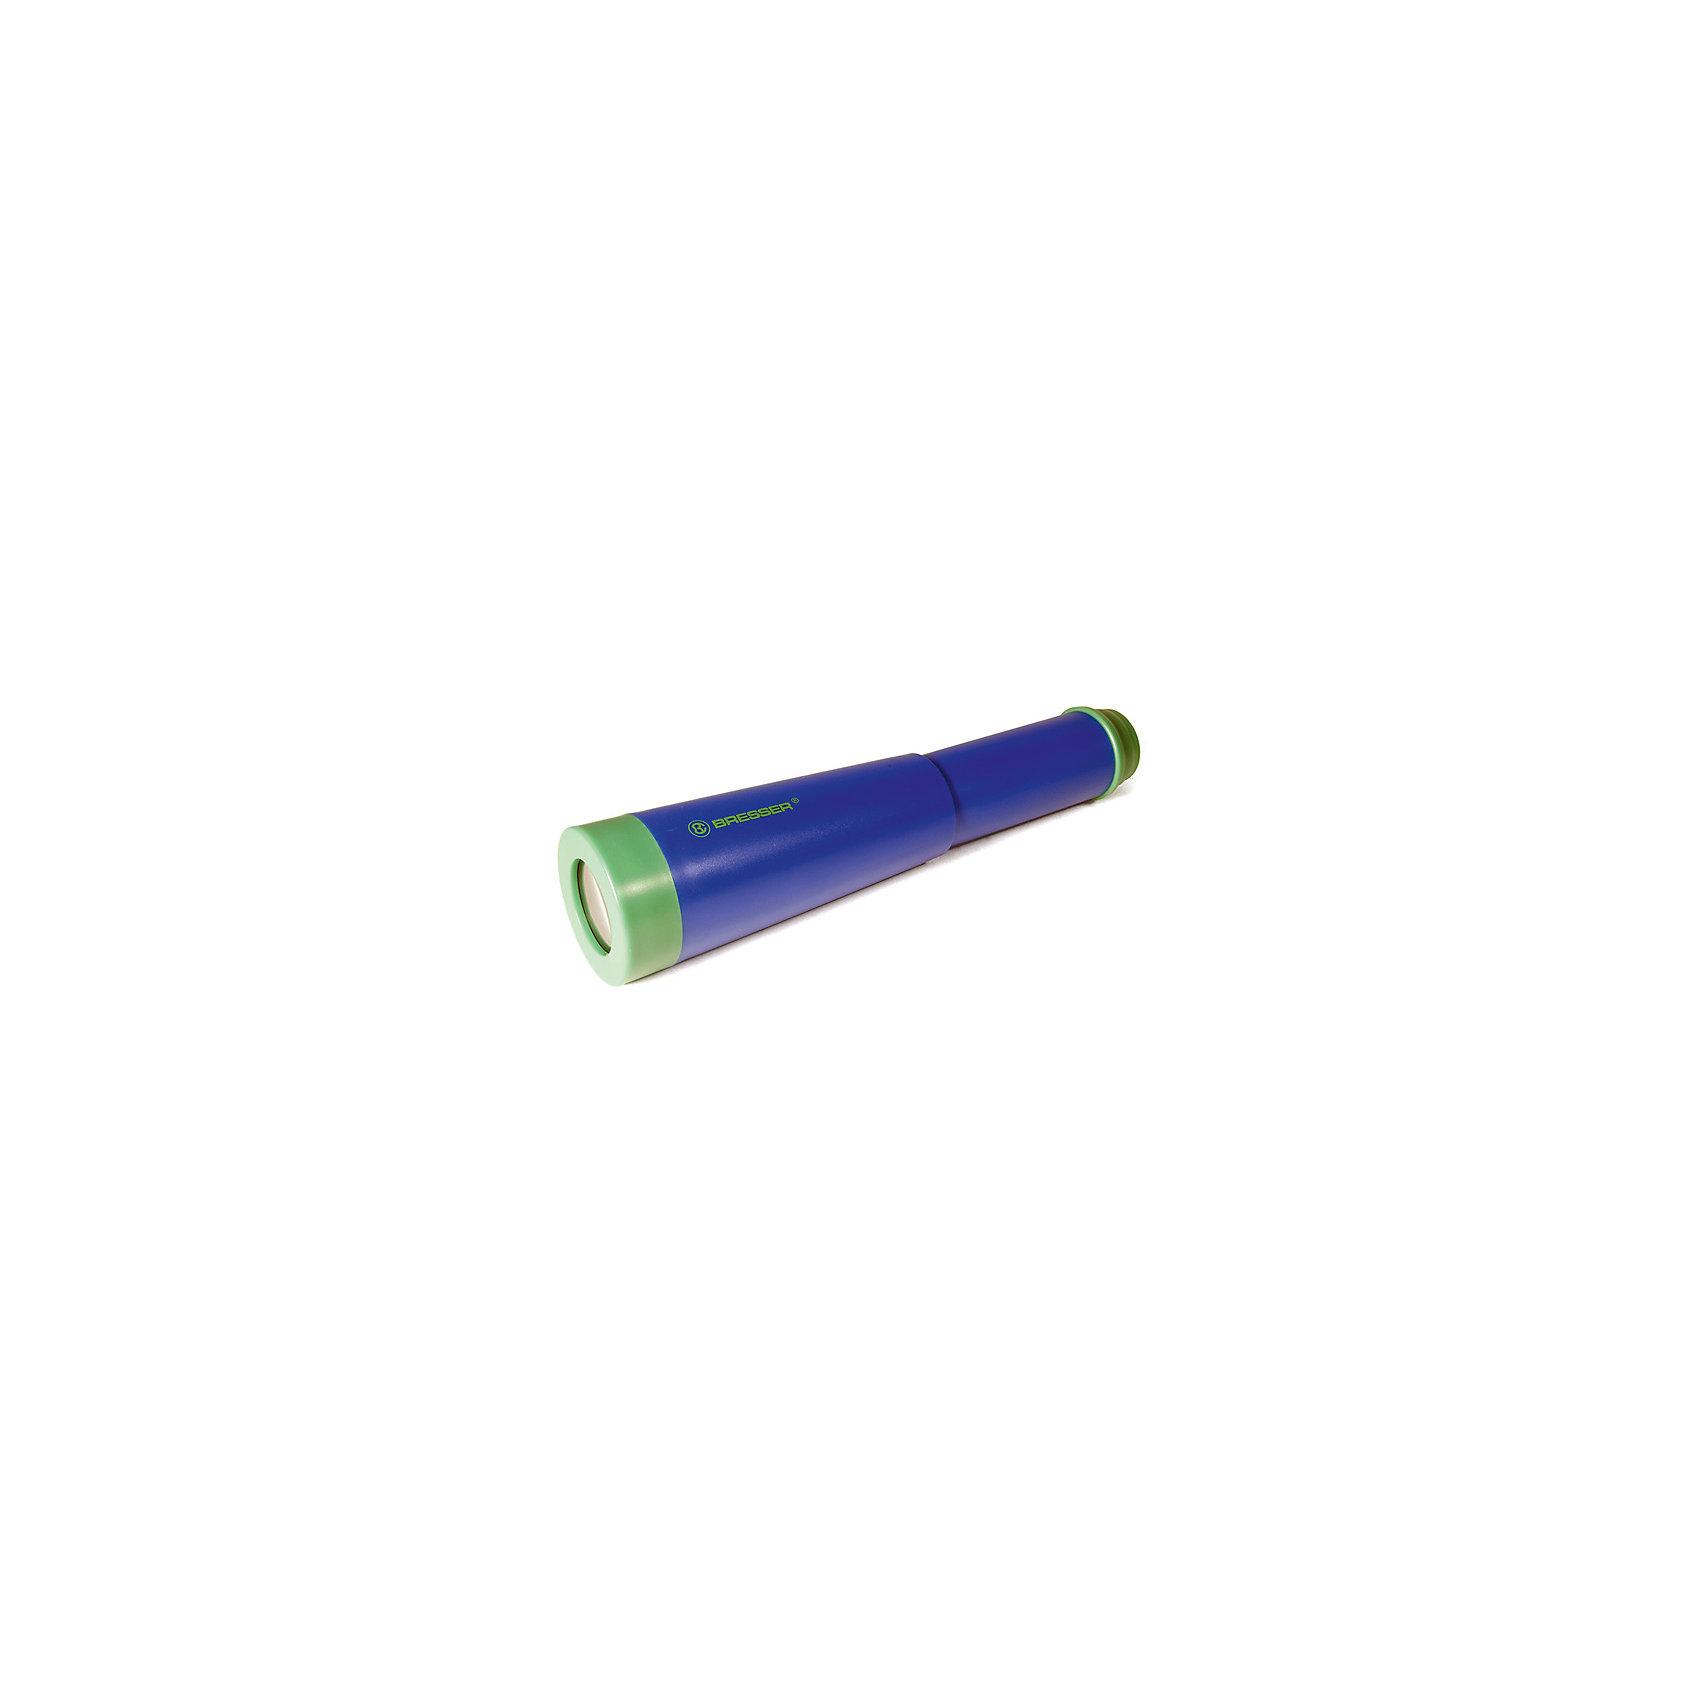 Зрительная труба Bresser Junior 8x32Эксперименты и опыты<br>Характеристики товара:<br><br>• материал: пластик<br>• увеличение: до 8 крат<br>• диаметр объектива (апертура), мм 32<br>• легкий корпус<br>• тип призмы: roof<br>• размер упаковки: 20x5x5 см<br>• вес: 100 г<br>• страна бренда: Германия<br><br>Зрительная труба - это отличный способ заинтересовать ребенка наблюдениями и привить ему интерес к учебе. Эта модель была разработана специально для детей - он позволяет увеличивать предметы до 8 крат. Благодаря легкому и прочному корпусу трубу удобно брать с собой!<br><br>Оптические приборы от немецкой компании Bresser уже успели зарекомендовать себя как качественная и надежная продукция. Для их производства используются только безопасные и проверенные материалы. Такой прибор способен прослужить долго. Подарите ребенку интересную и полезную вещь!<br><br>Зрительную трубу Bresser Junior 8x32 от известного бренда Bresser (Брессер) можно купить в нашем интернет-магазине.<br><br>Ширина мм: 55<br>Глубина мм: 200<br>Высота мм: 55<br>Вес г: 160<br>Возраст от месяцев: 60<br>Возраст до месяцев: 2147483647<br>Пол: Унисекс<br>Возраст: Детский<br>SKU: 5435312